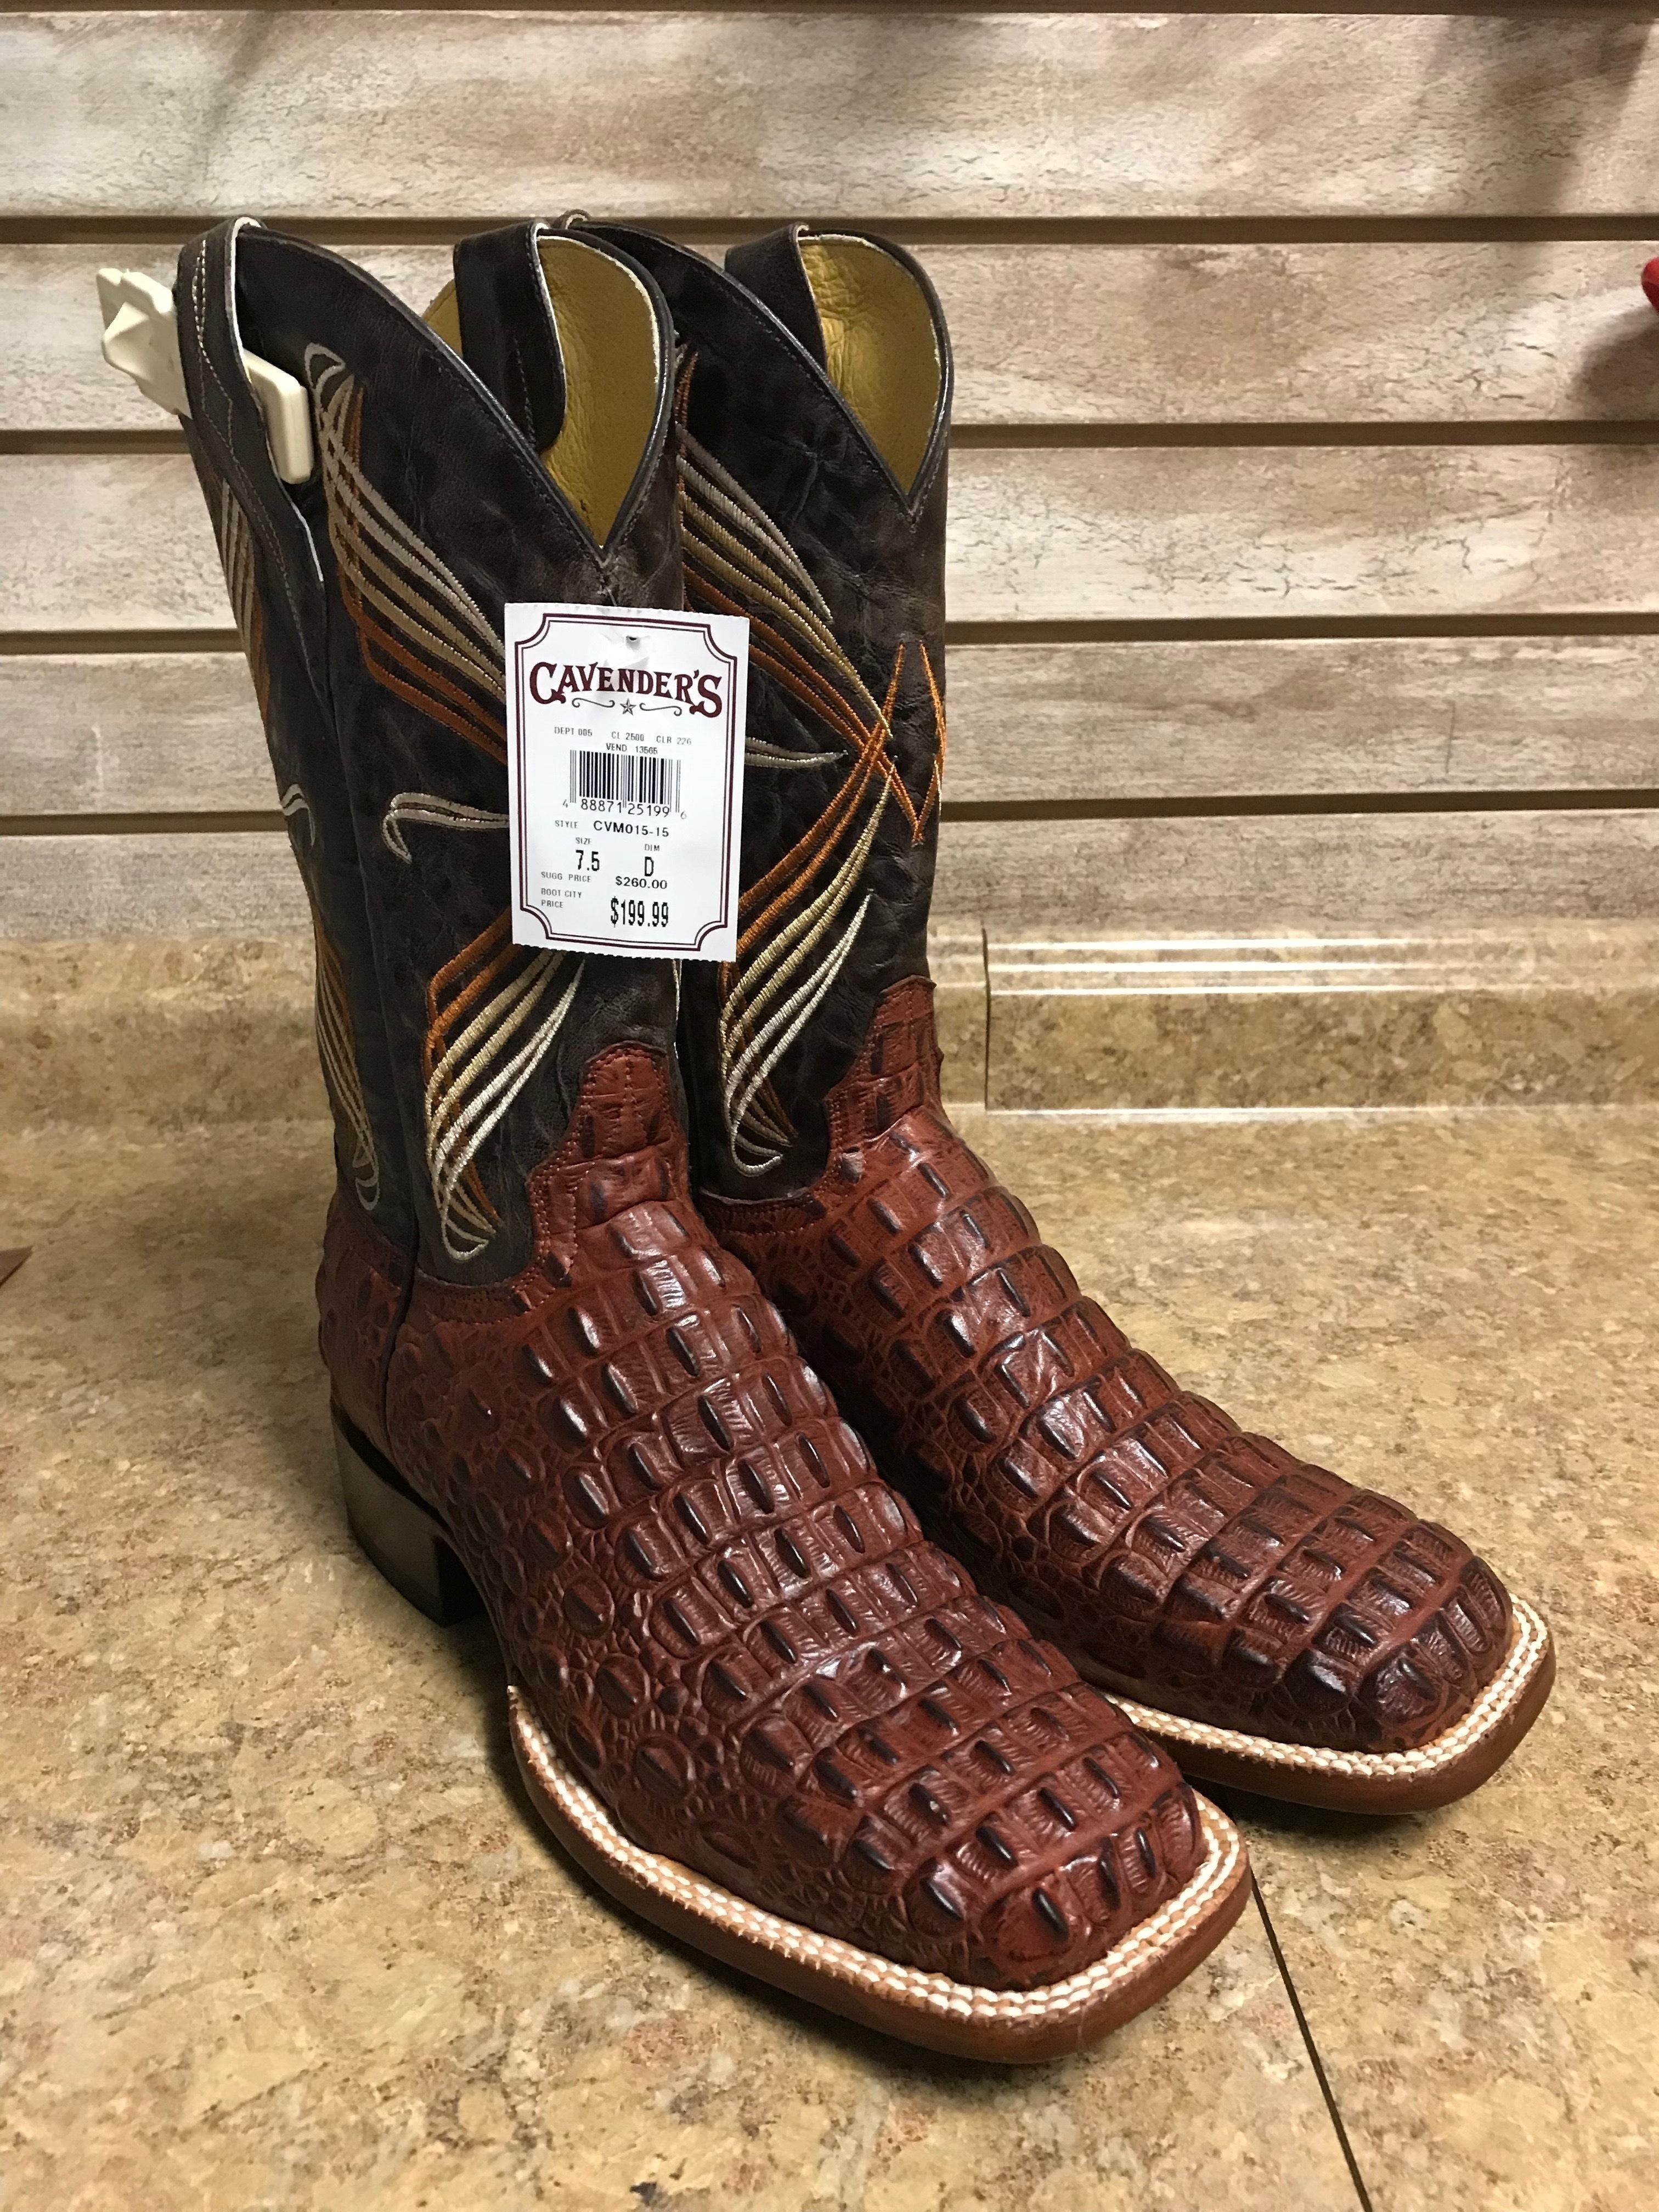 9e49e218148 Cavender's Boots